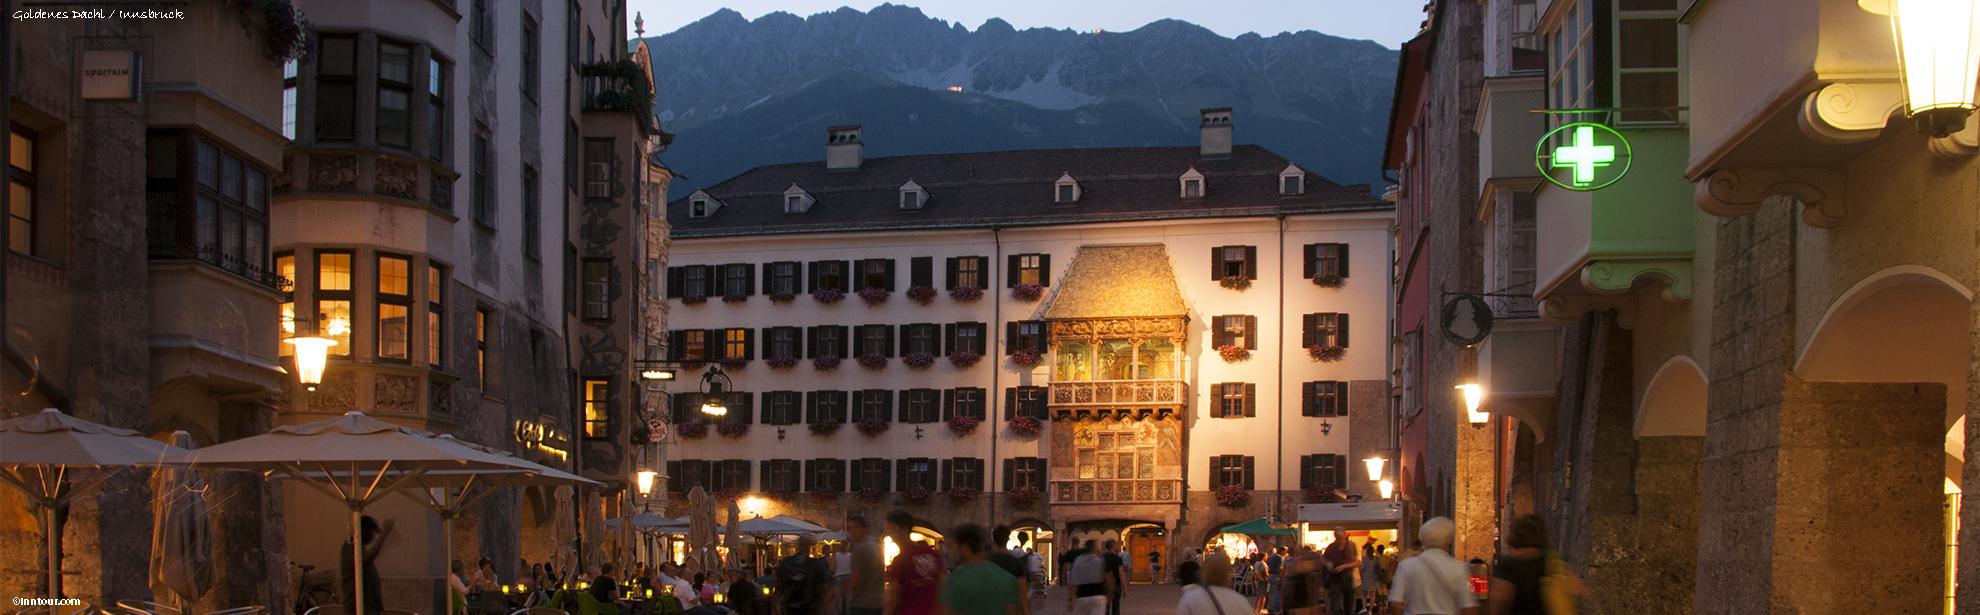 Oklass1inntour_Gold-Dachl_Innsbruck_DSC_2548